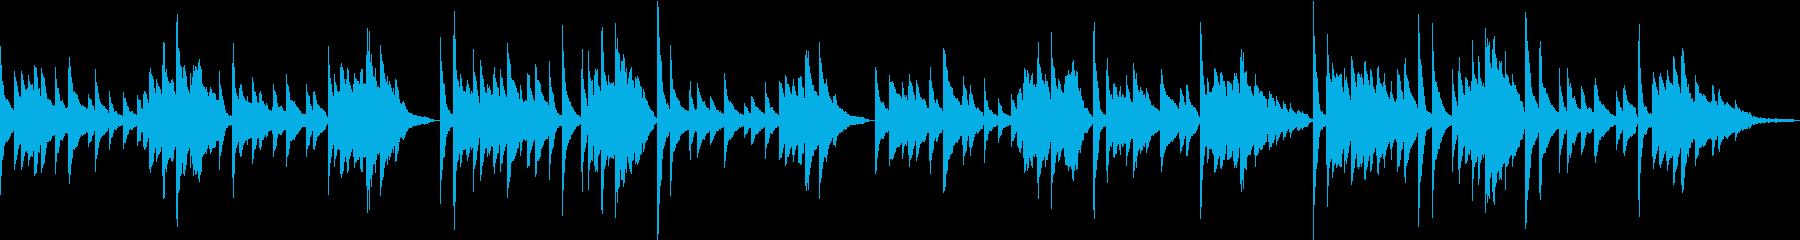 「蛍の光」ピアノアレンジ リバーブ浅めの再生済みの波形